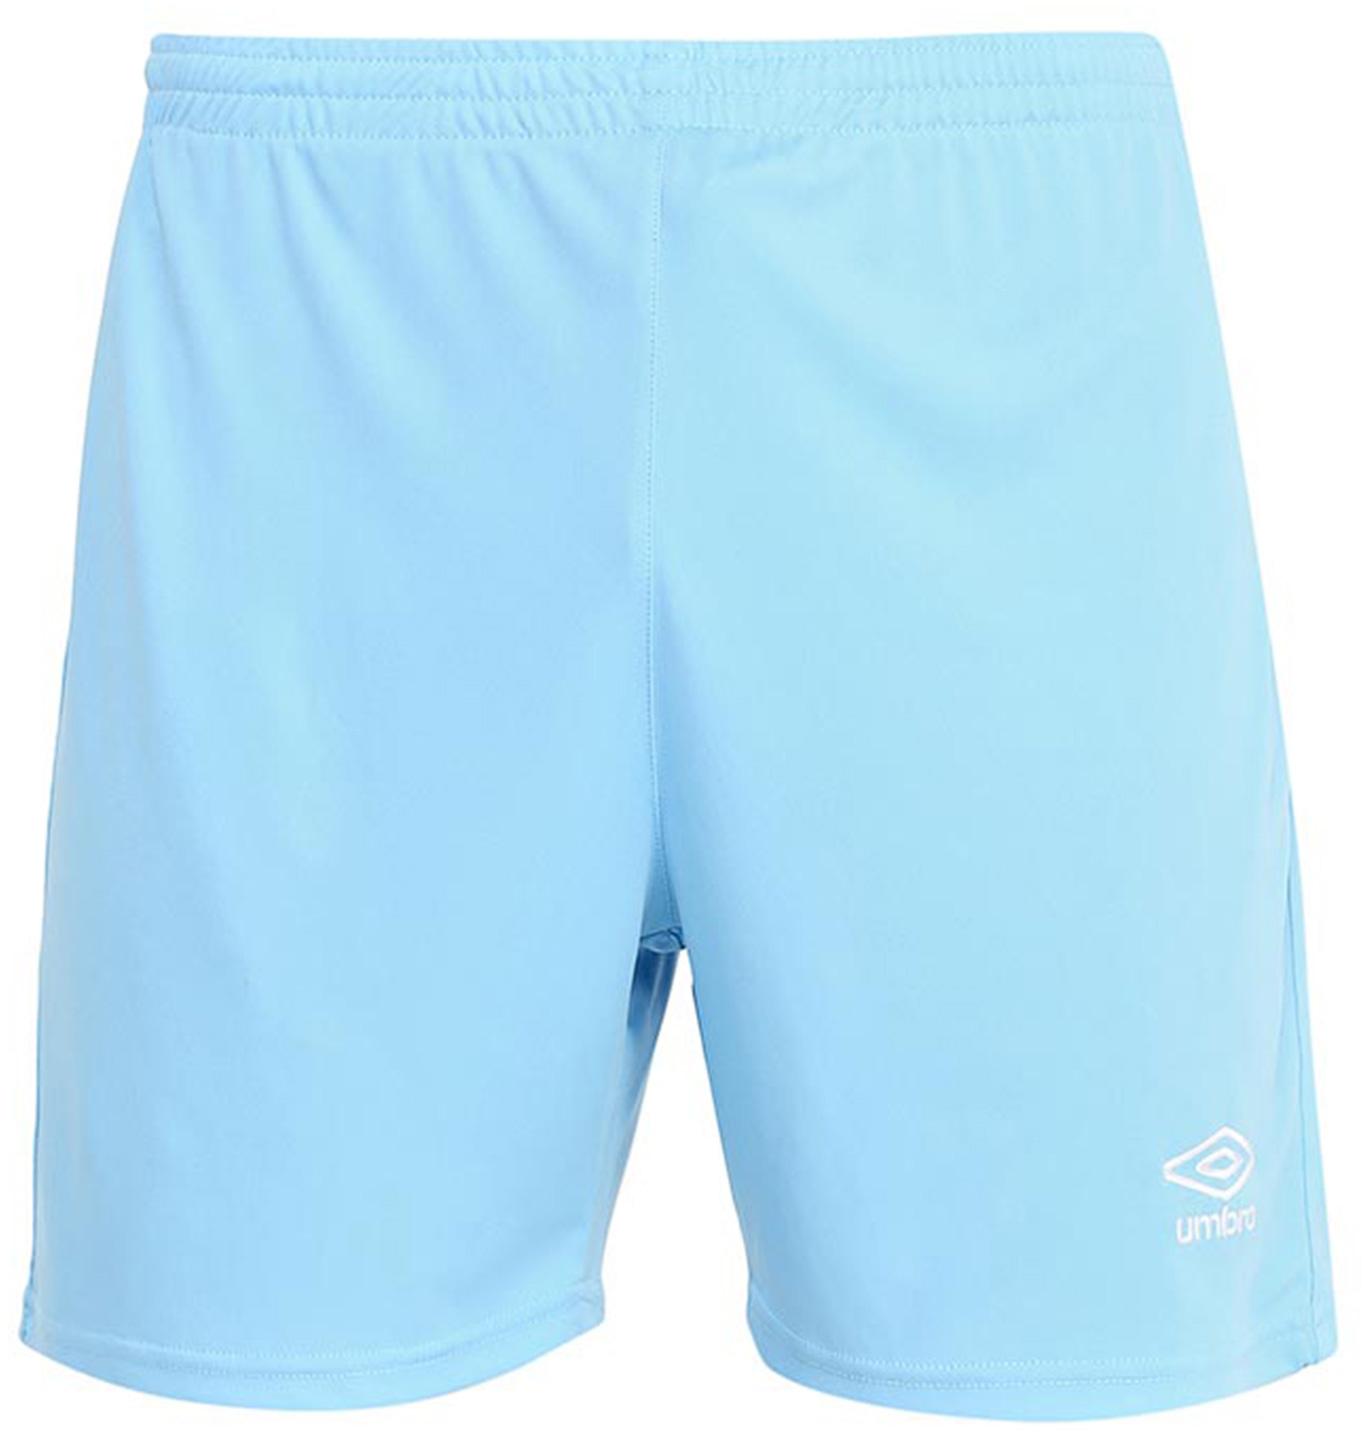 Шорты спортивные для мальчика Umbro Field Short, цвет: голубой, белый. 133015. Размер YL (152) футболка с длинным рукавом для мальчика umbro bradfield jersey l s цвет белый красный 60027u размер yl 152